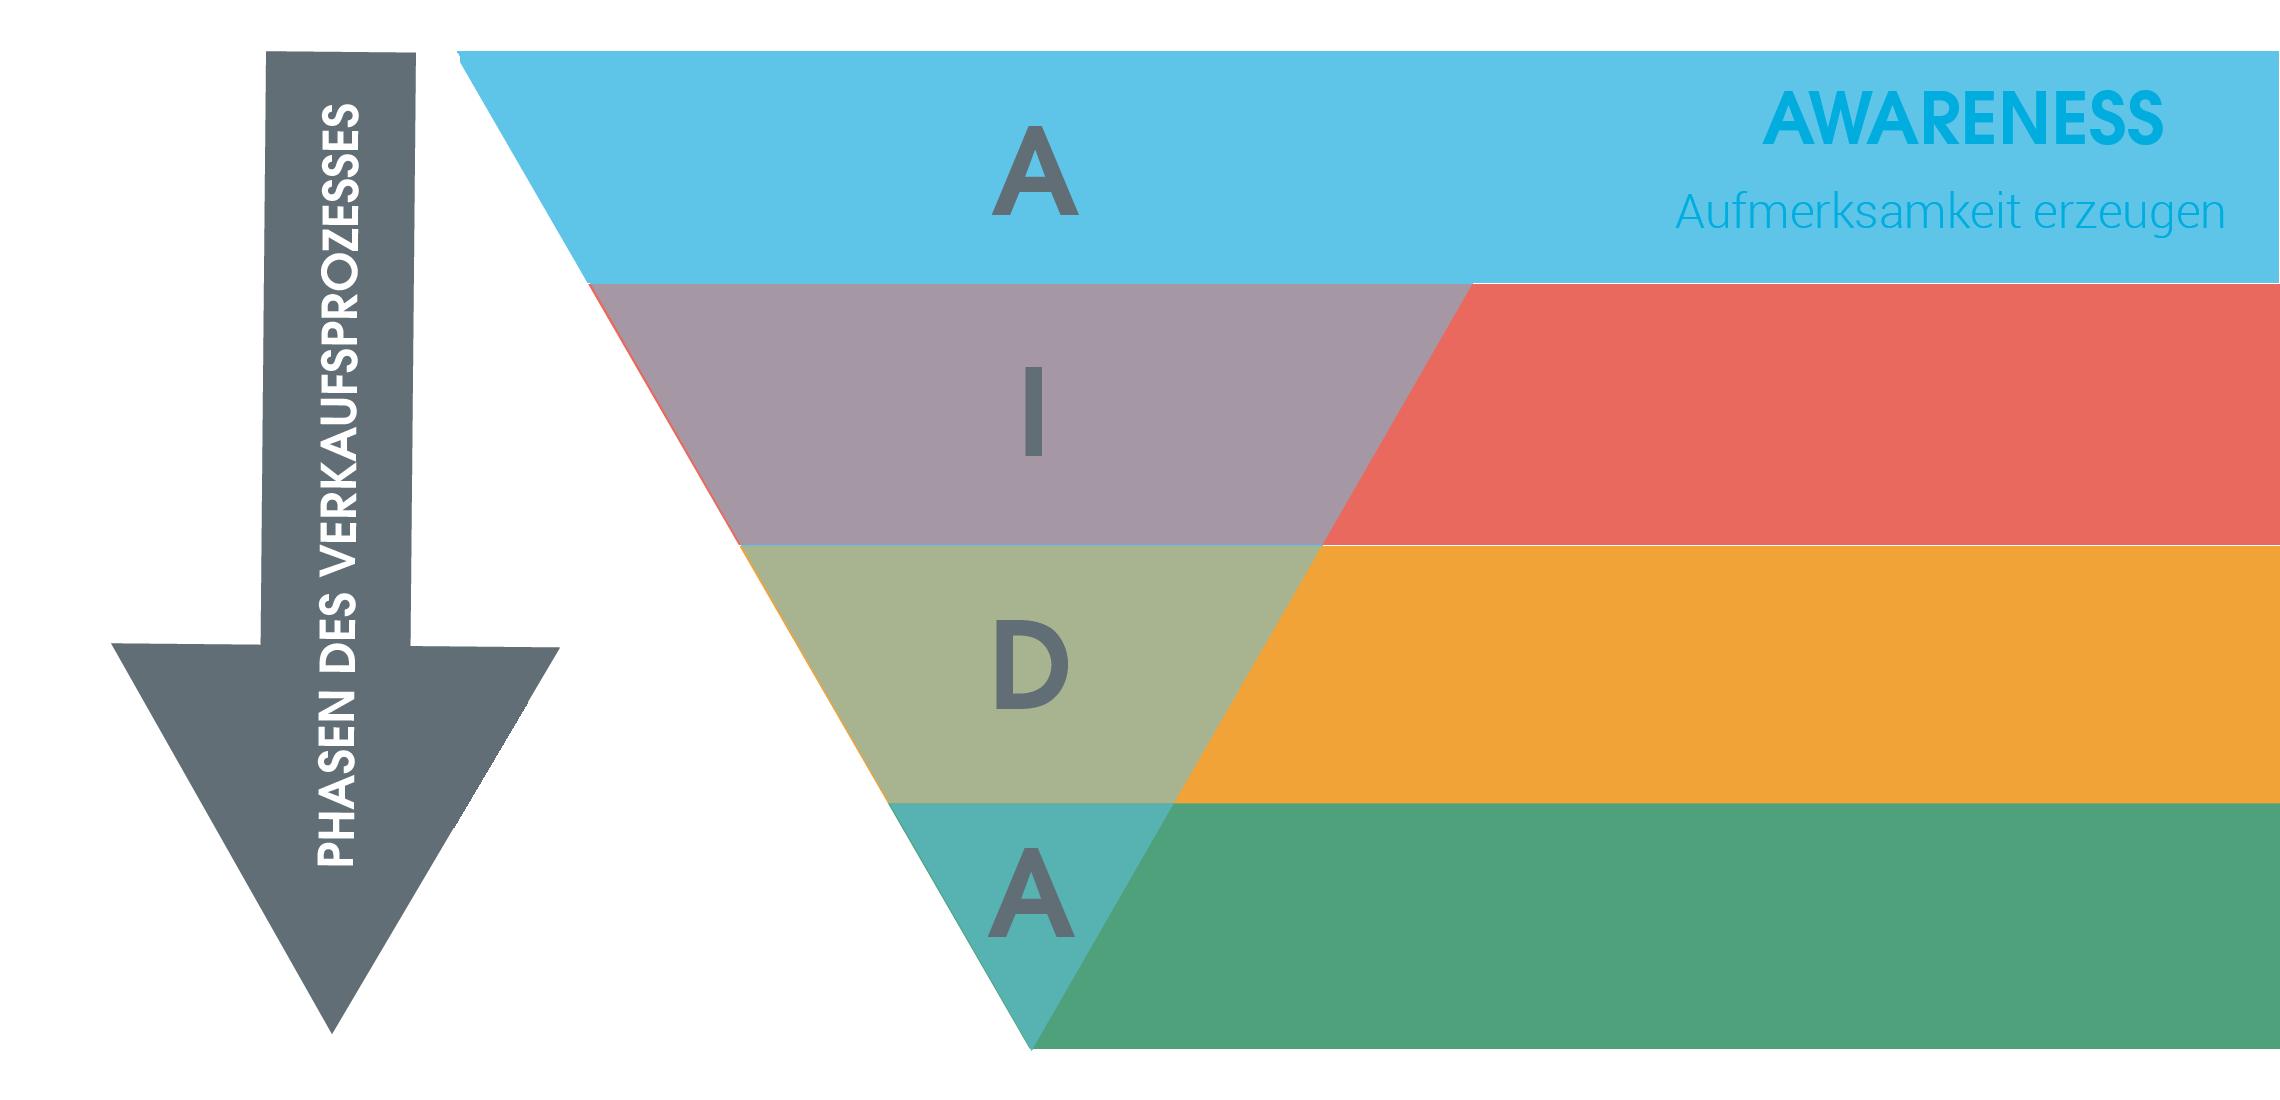 Der klassische Aufbau eines AIDA-Modells zeigt Dir die vier Phasen eines Verkaufsprozesses: 1. Awareness –Aufmerksamkeit erzeugen 2. Interest –Interesse wecken 3. Desire –Begehrlichkeit auslösen 4. Action –Handlung aufrufen